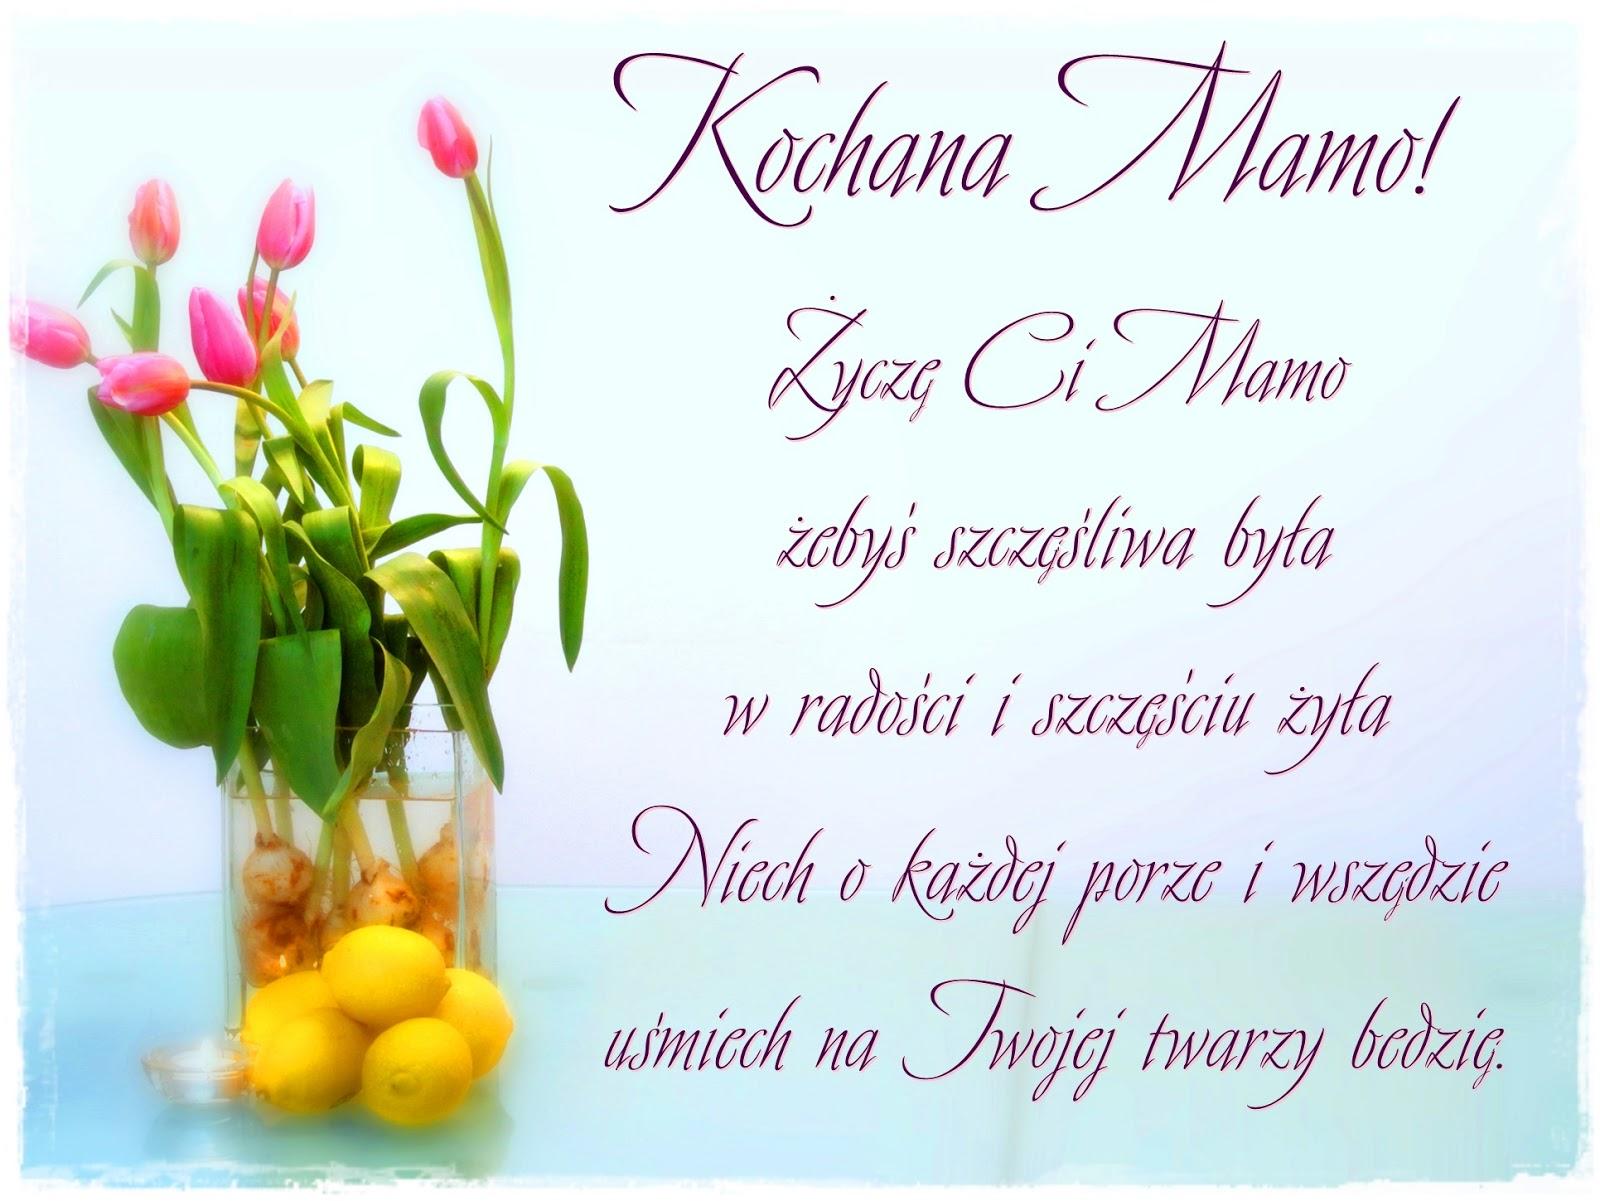 Kochanej Mamie życzę Radości Szczęścia I Uśmiechu życzenia